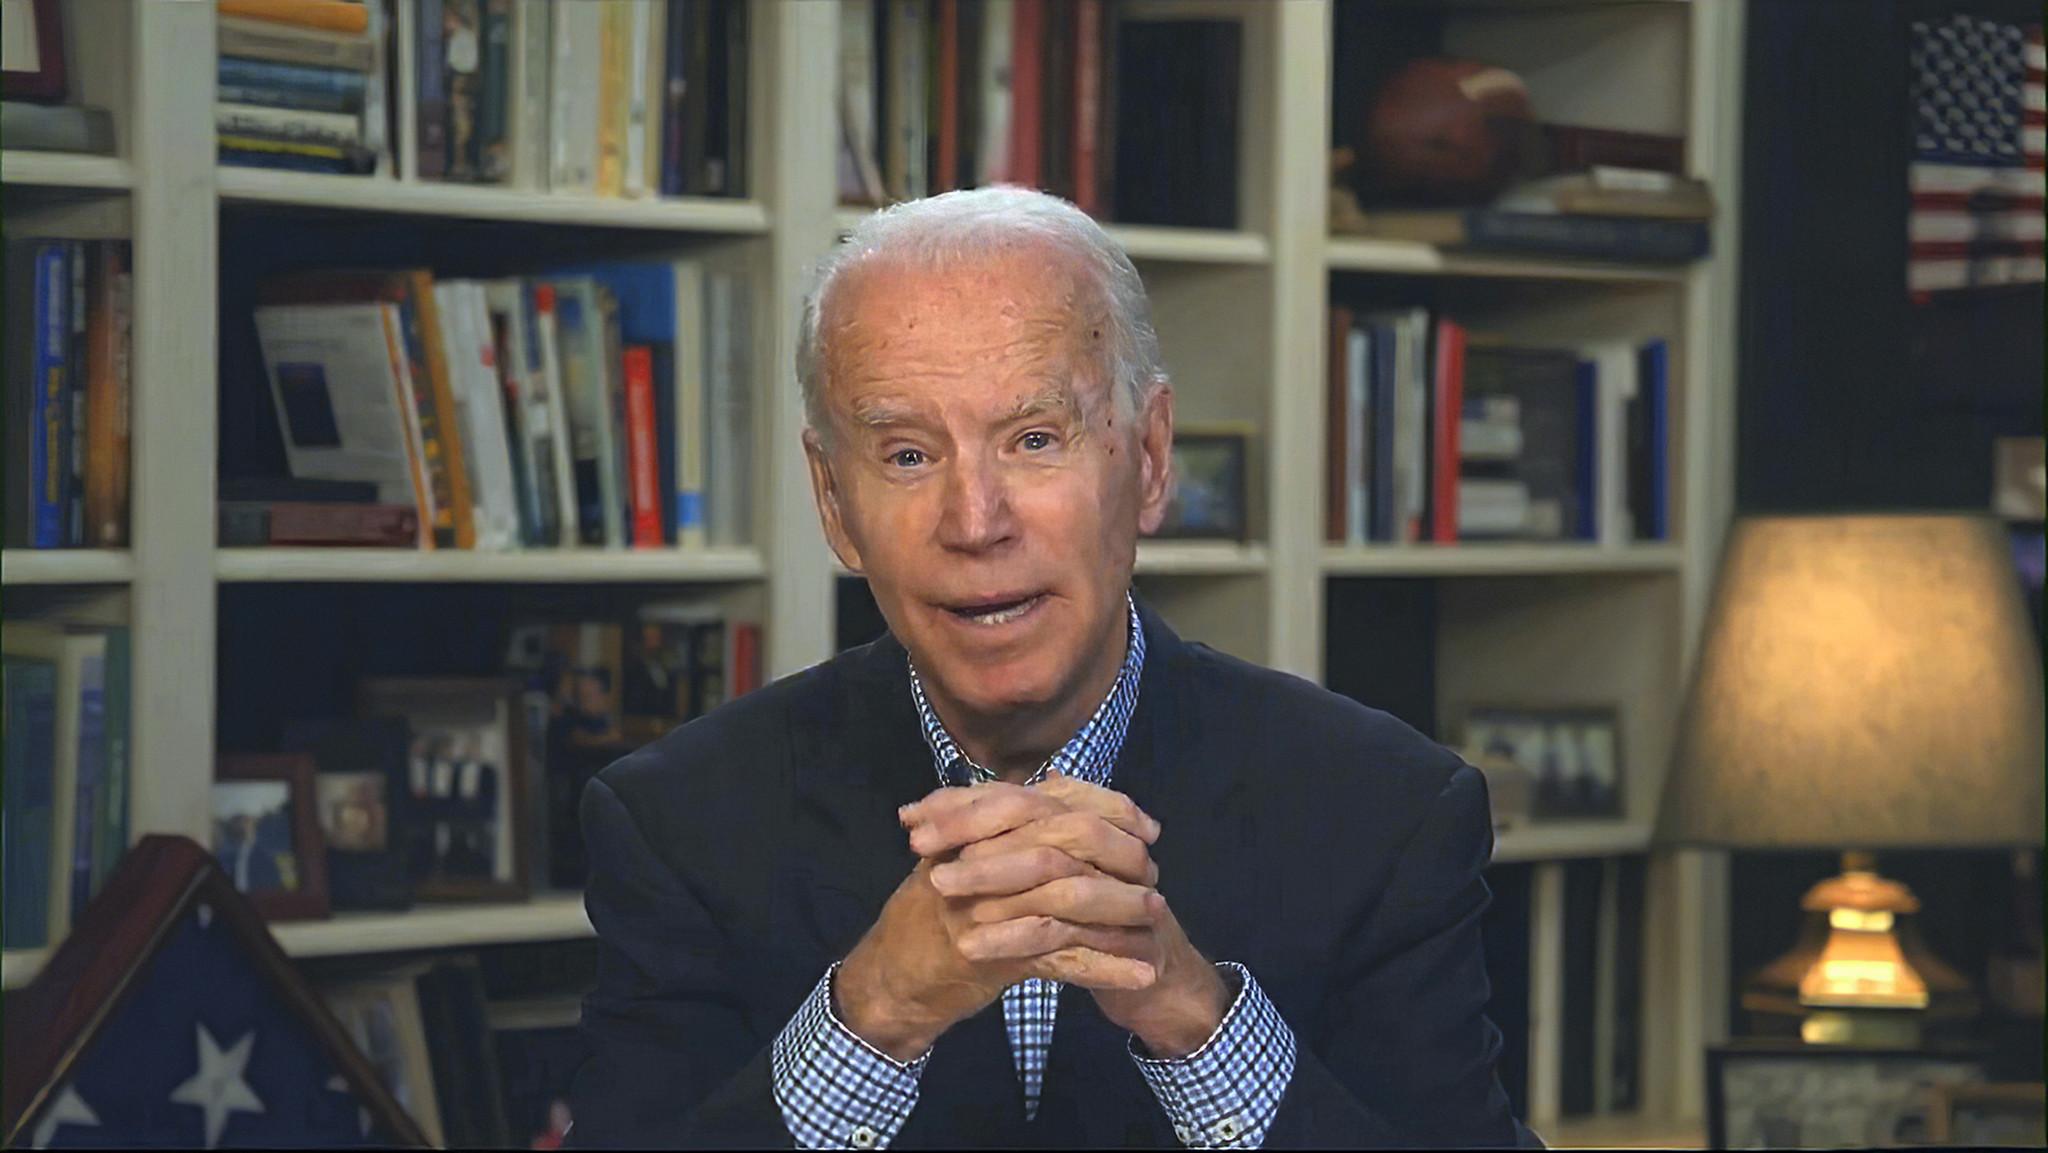 Biden offers to phone Trump to discuss coronavirus, calling White House bluff